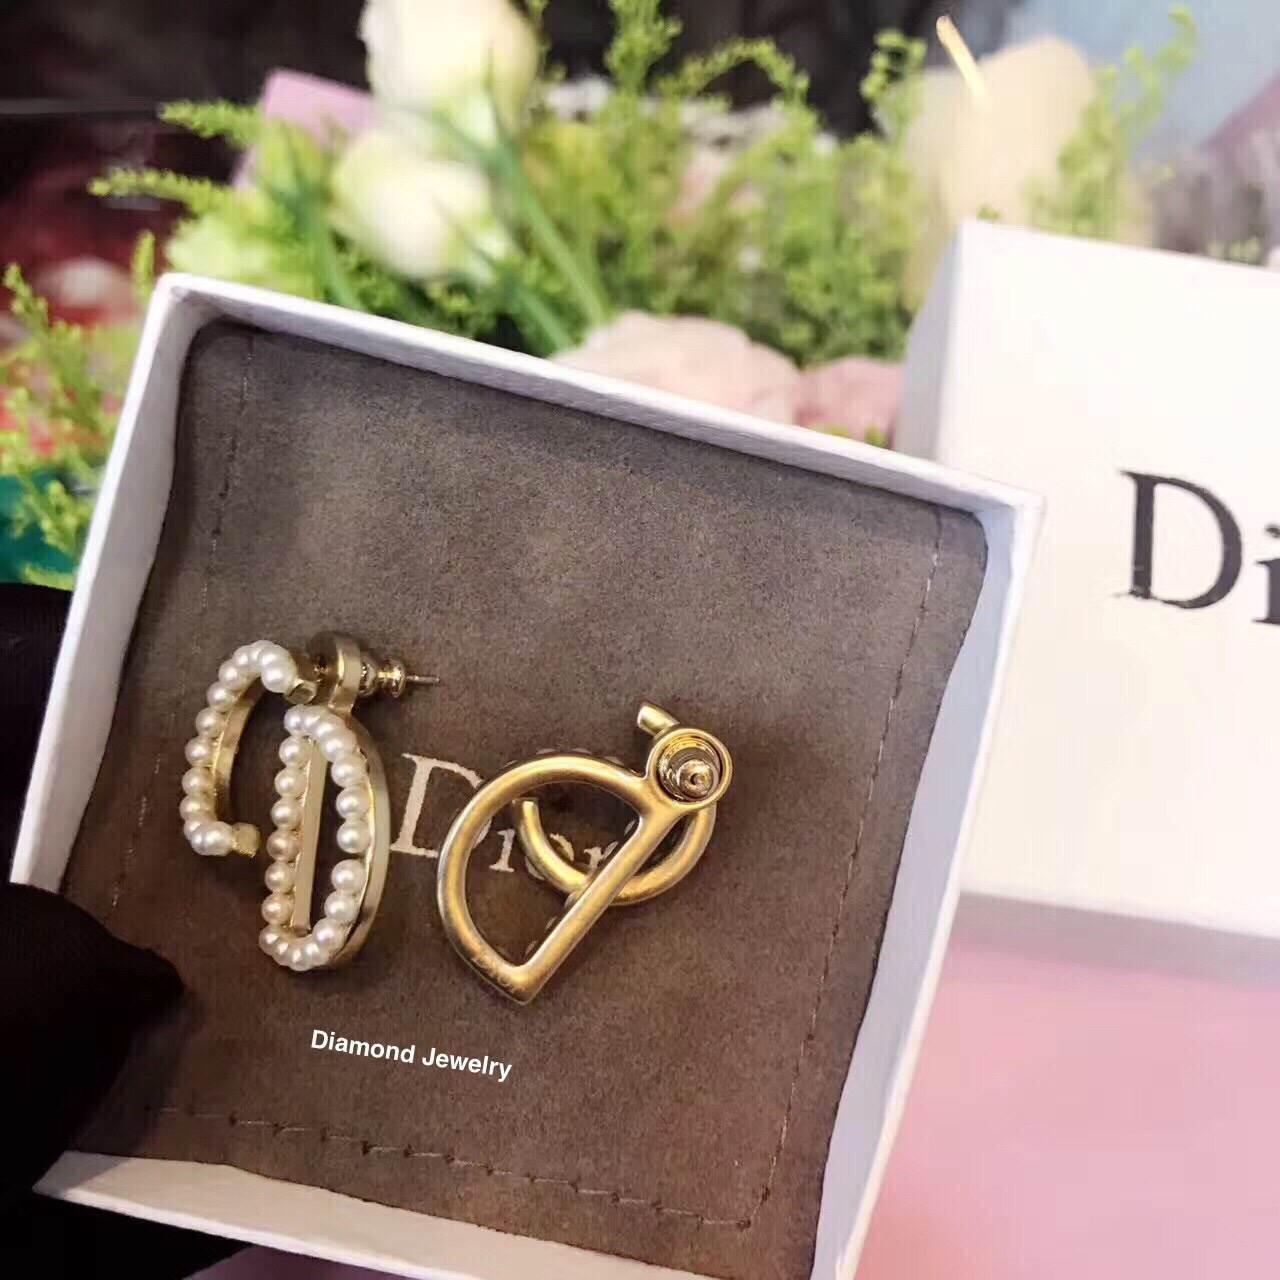 พร้อมส่ง Dior Earring เพชร CZ แท้